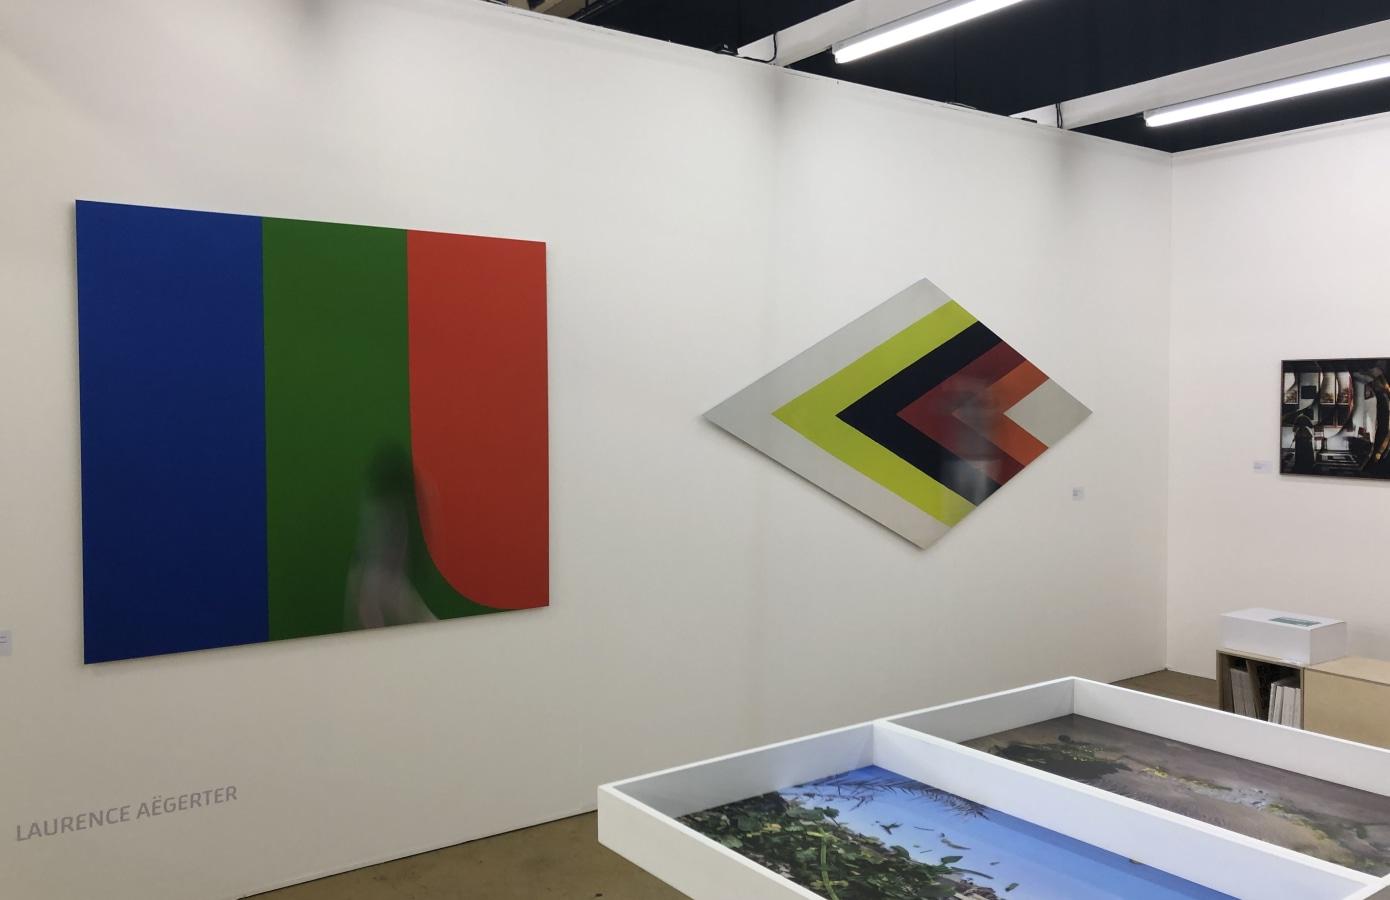 Art Rotterdam 2019, Laurence Aëgerter,